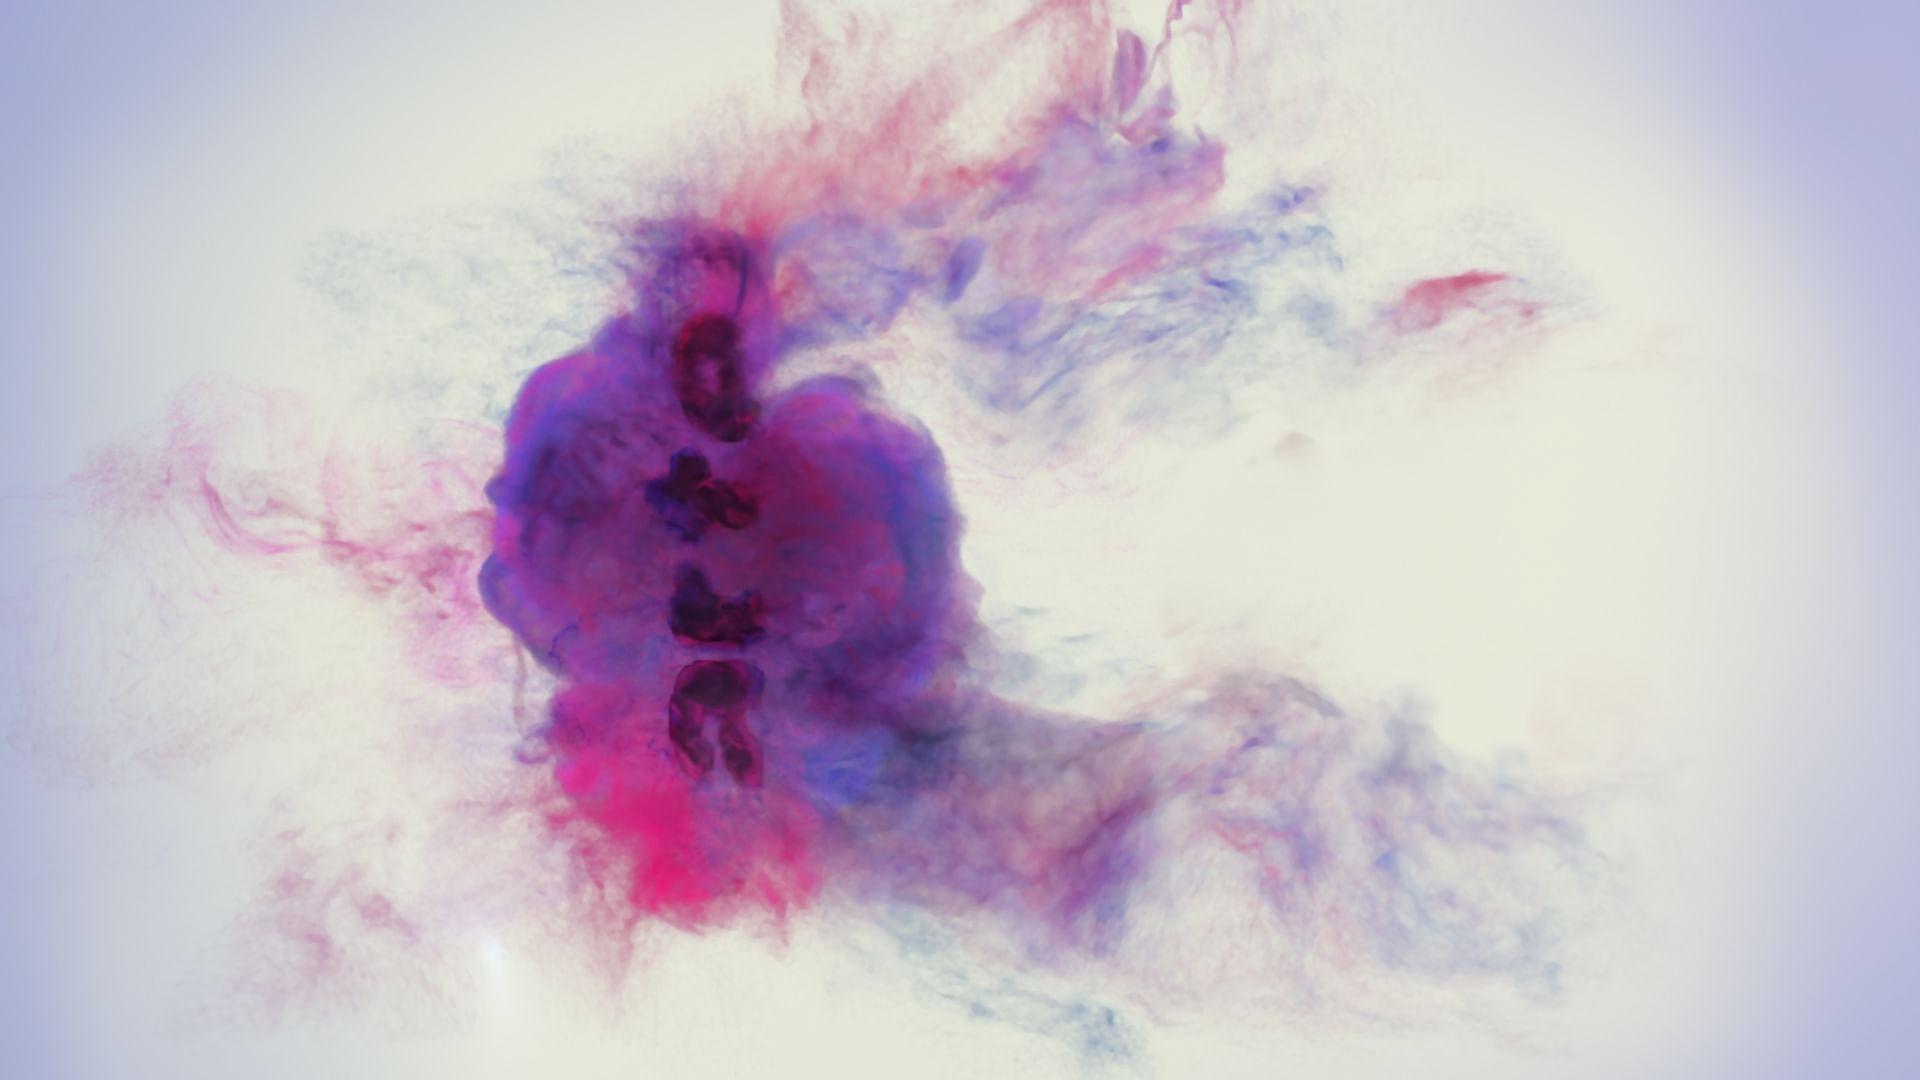 Photos rebelles - Graffiti Art. Henry Chalfant